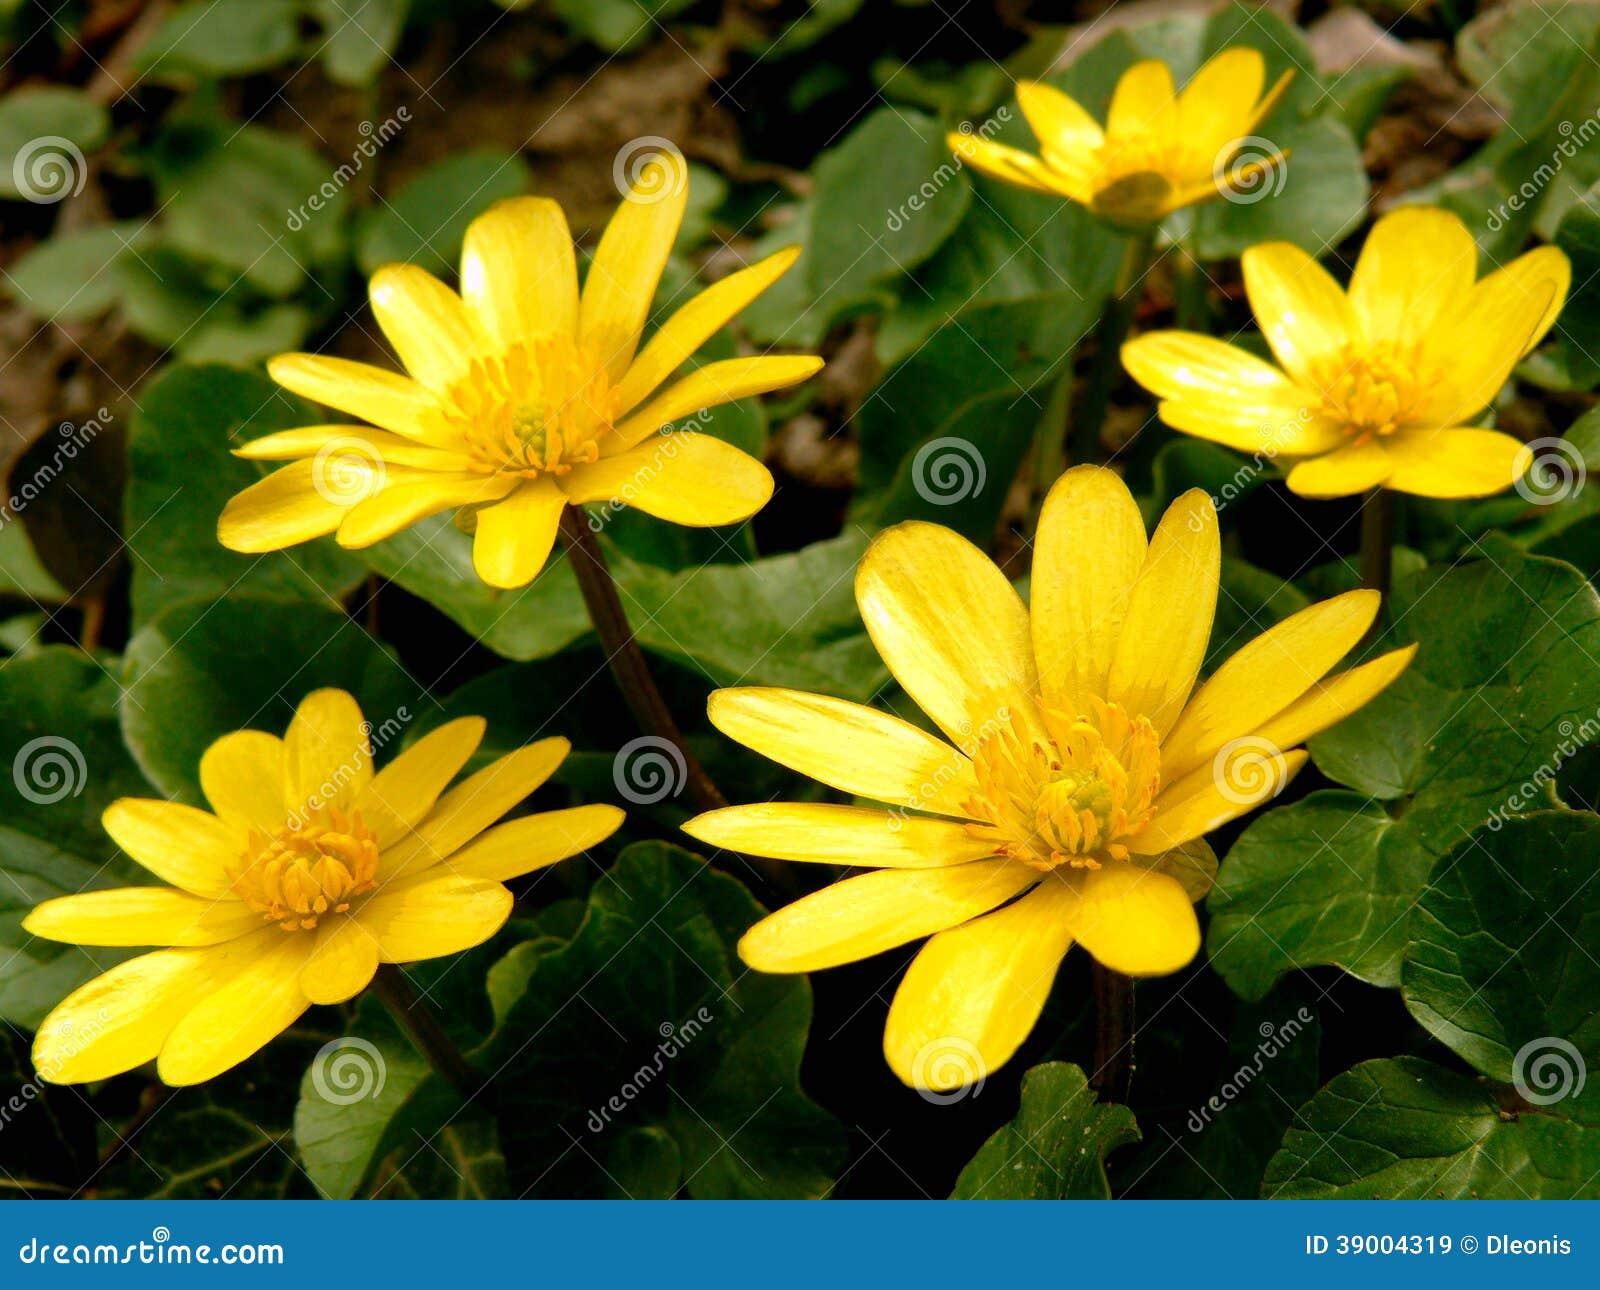 Erste Fruhlingsblumen Stockbild Bild Von Staubgefass 39004319